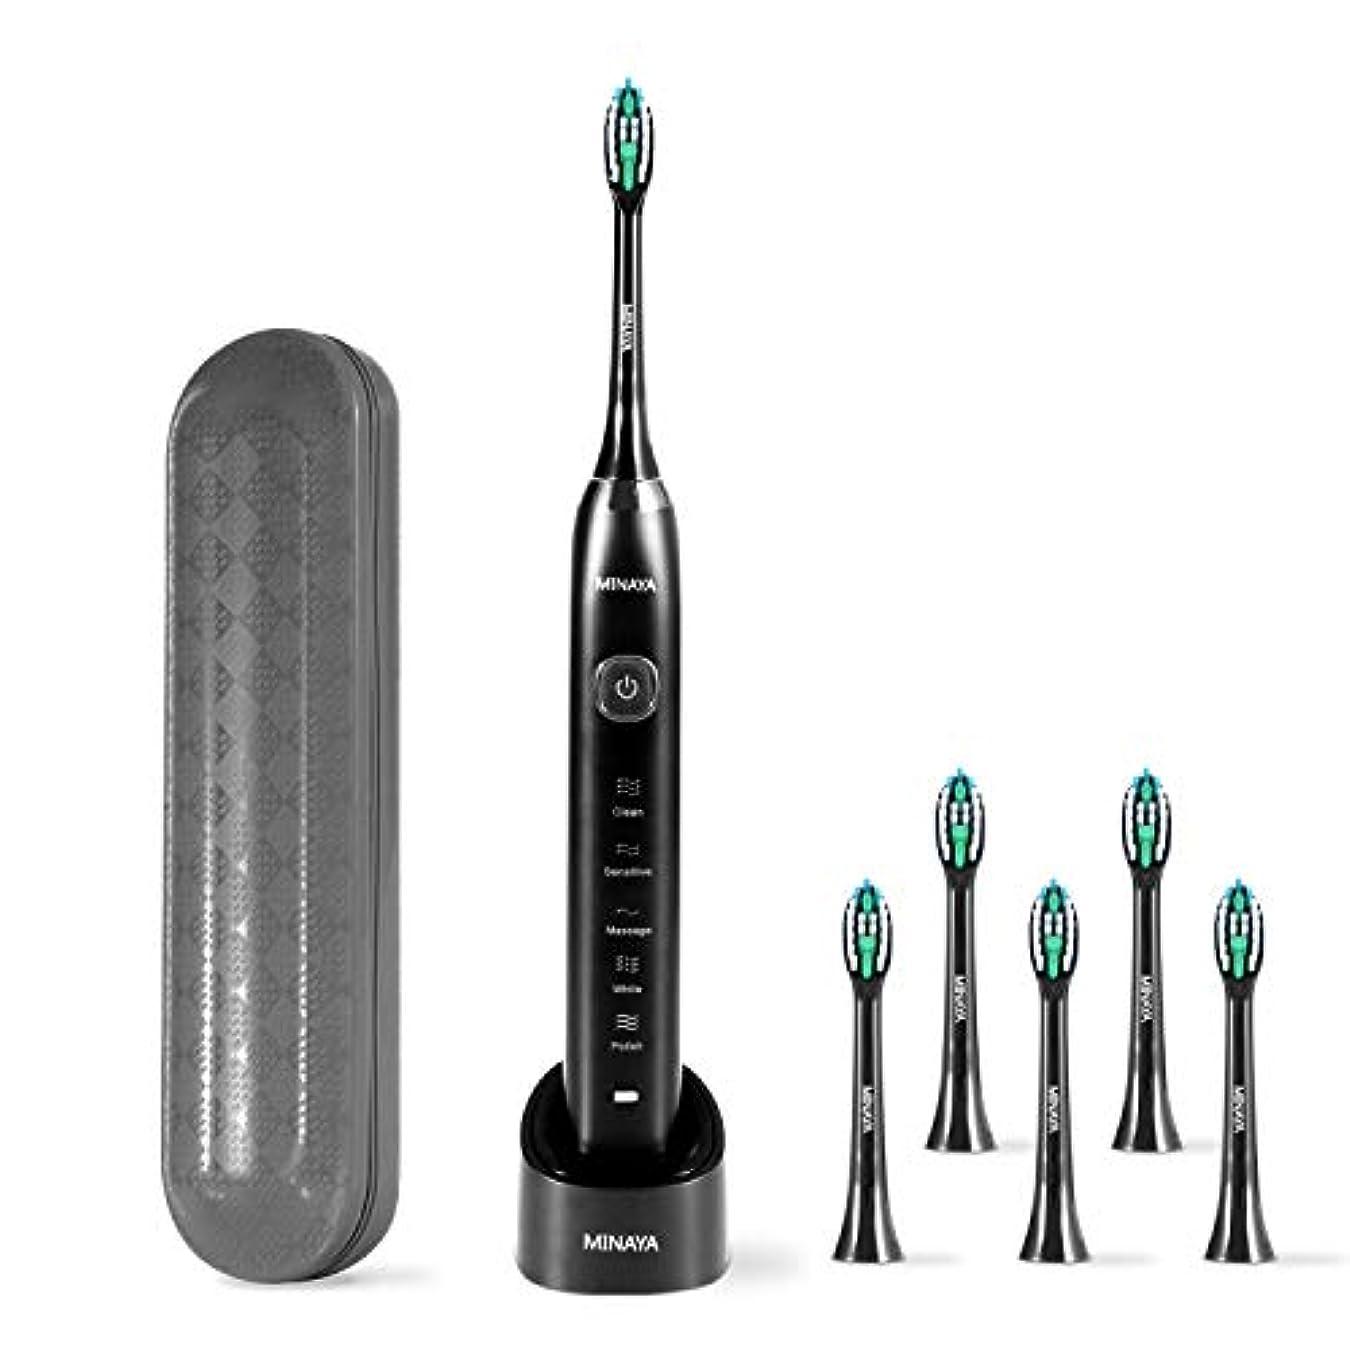 自伝策定する解放する電動歯ブラシ 音波振動式 IPX7級防水 USB充電式 オートタイマー機能搭載 ブラッシングモード5つ MINAYA 収納ケース 旅行用便利 替えブラシ5本 ブラック